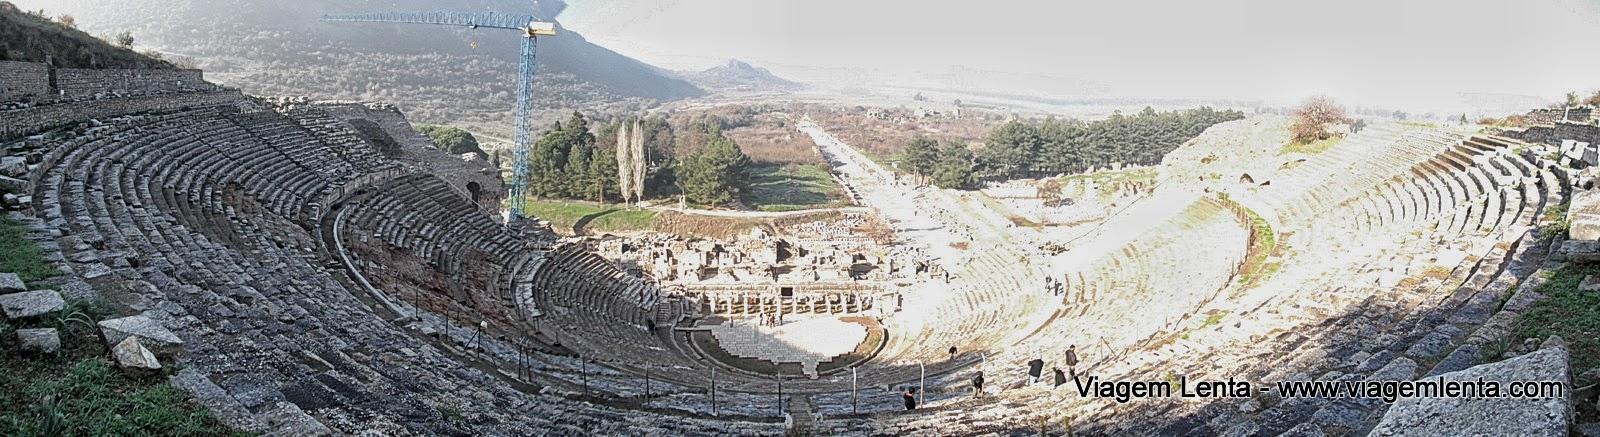 Viagem ao sítio arqueológico da cidade de Éfeso, Turquia